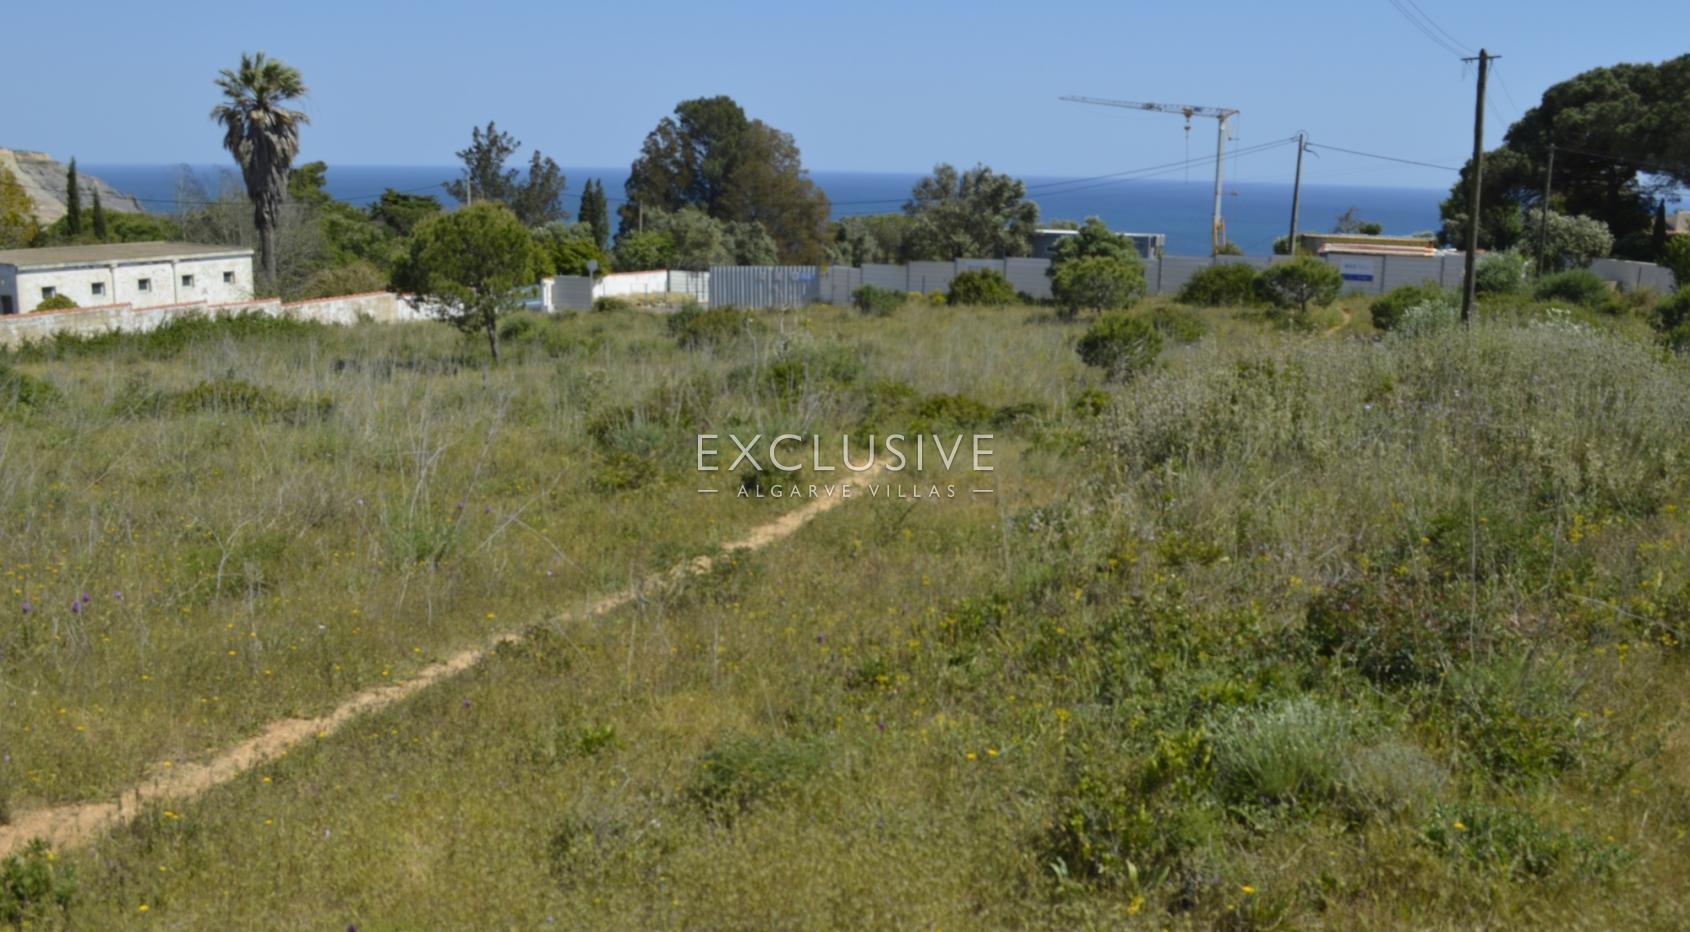 Grande lote de terreno com vista mar para venda na Luz Lagos, Algarve_3